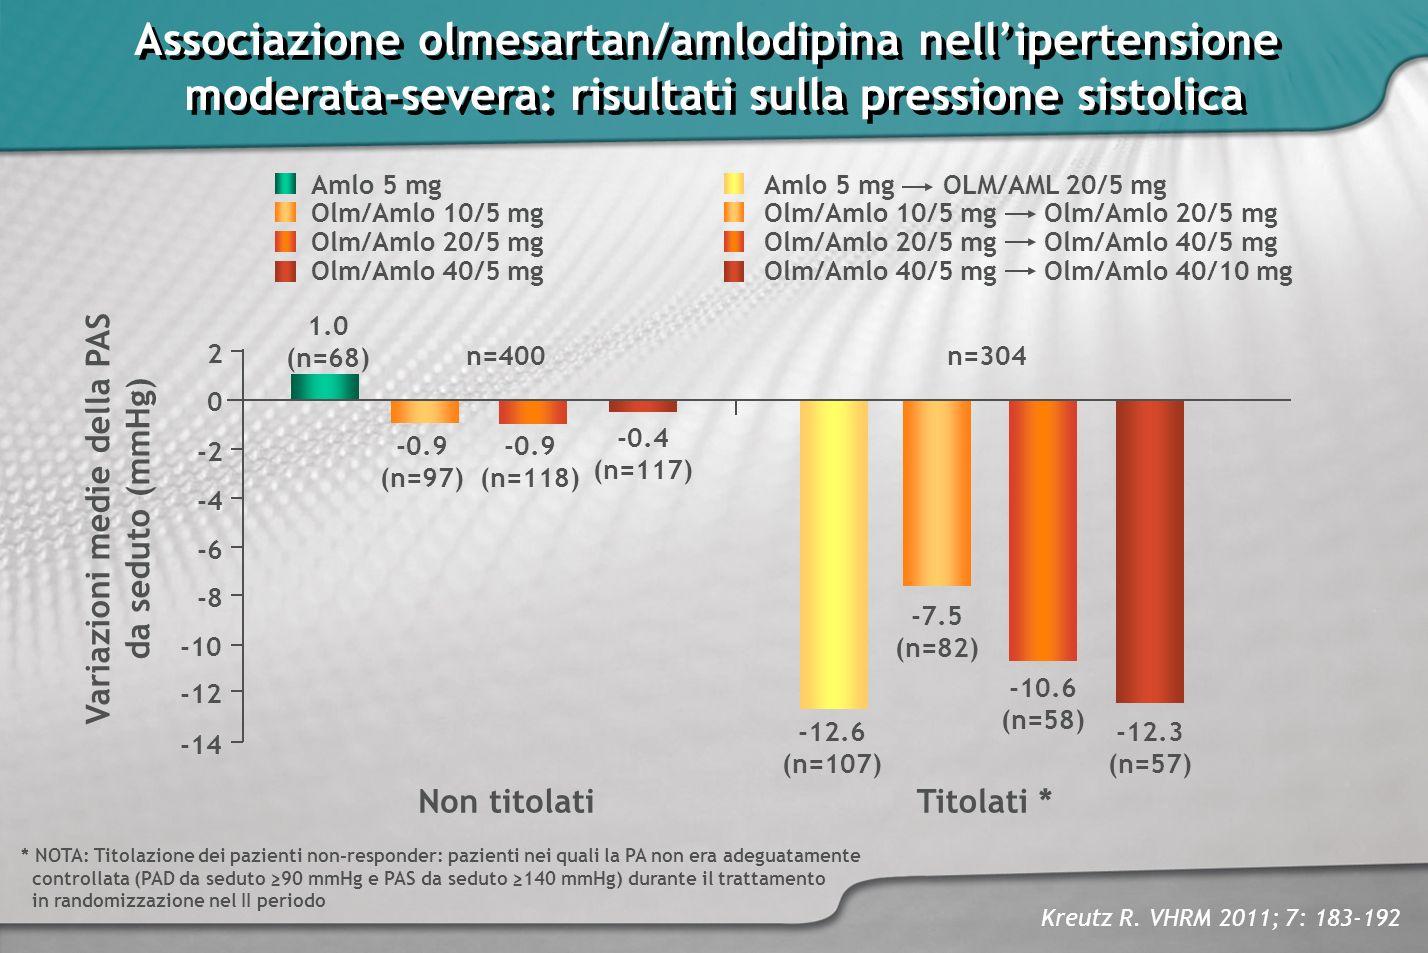 Associazione olmesartan/amlodipina nellipertensione moderata-severa: risultati sulla pressione sistolica Associazione olmesartan/amlodipina nelliperte